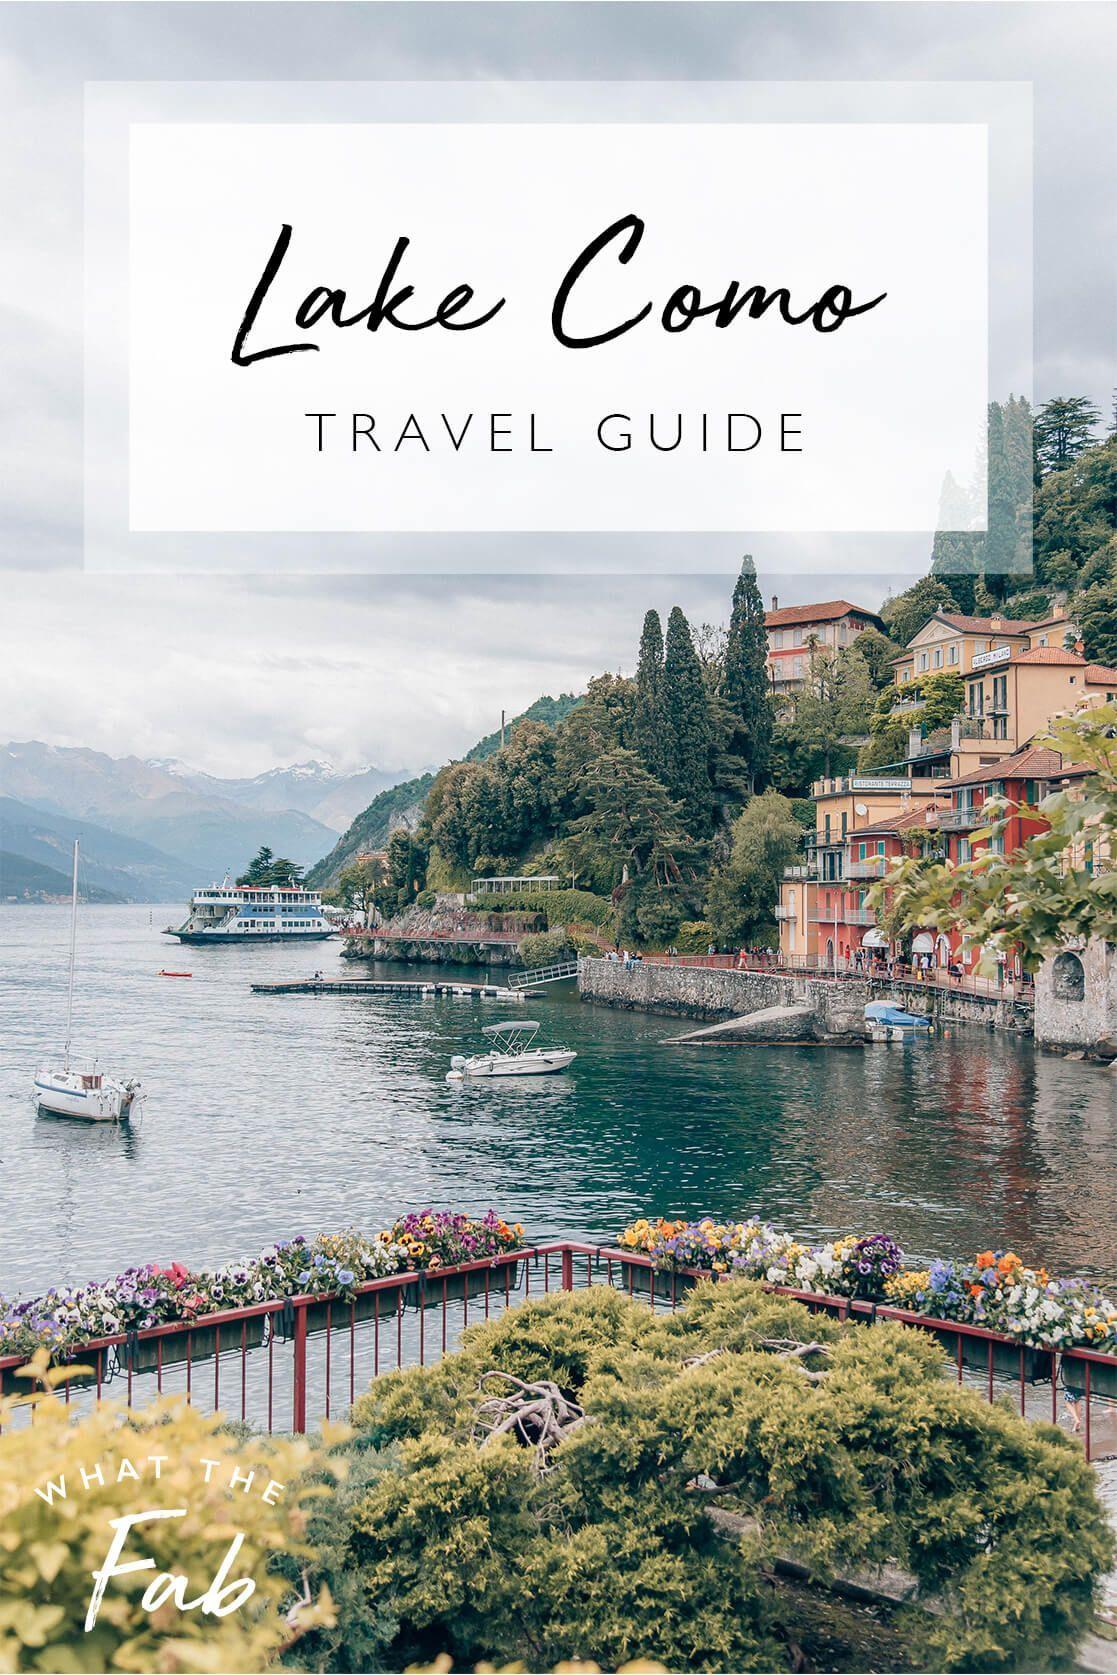 Comer See Reiseführer: Die besten Tipps für den Tag in Italien | 2020 – Maria Lemper